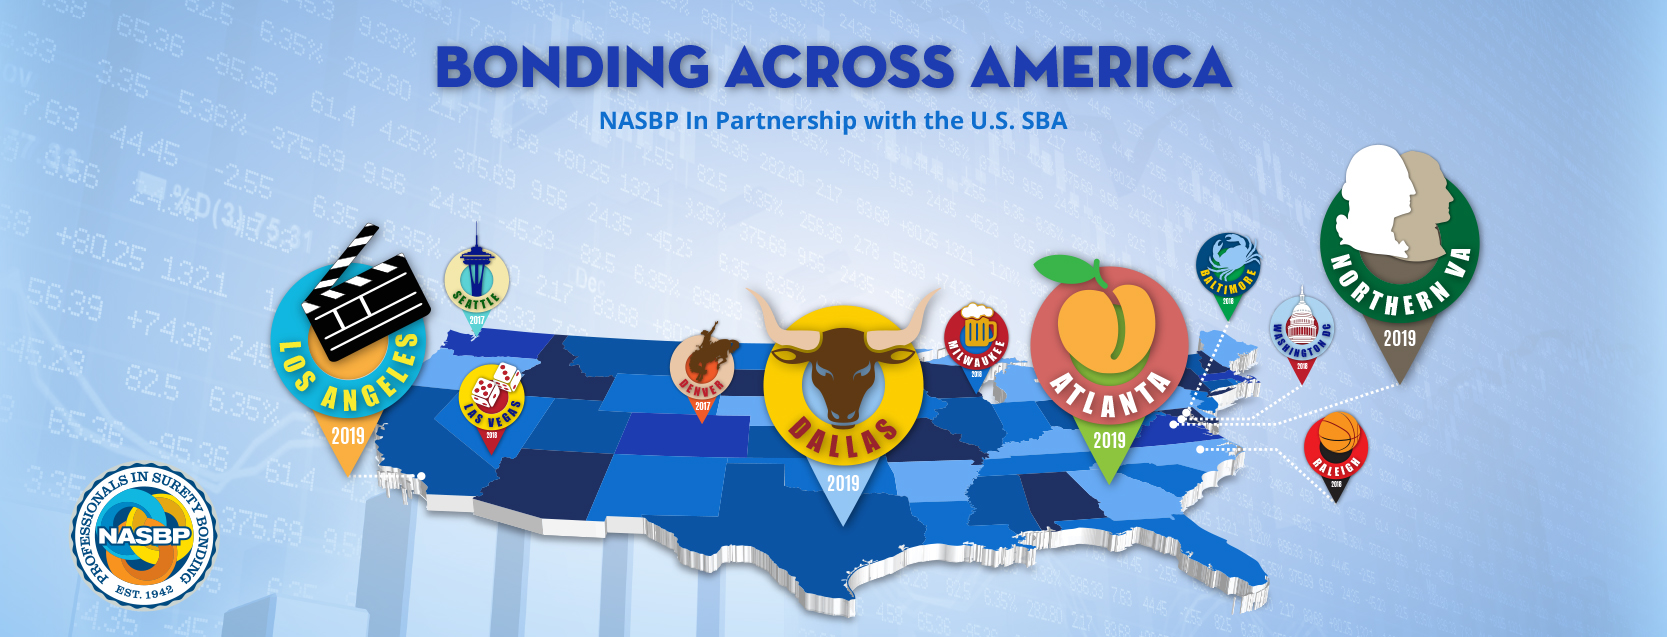 Bonding Across America